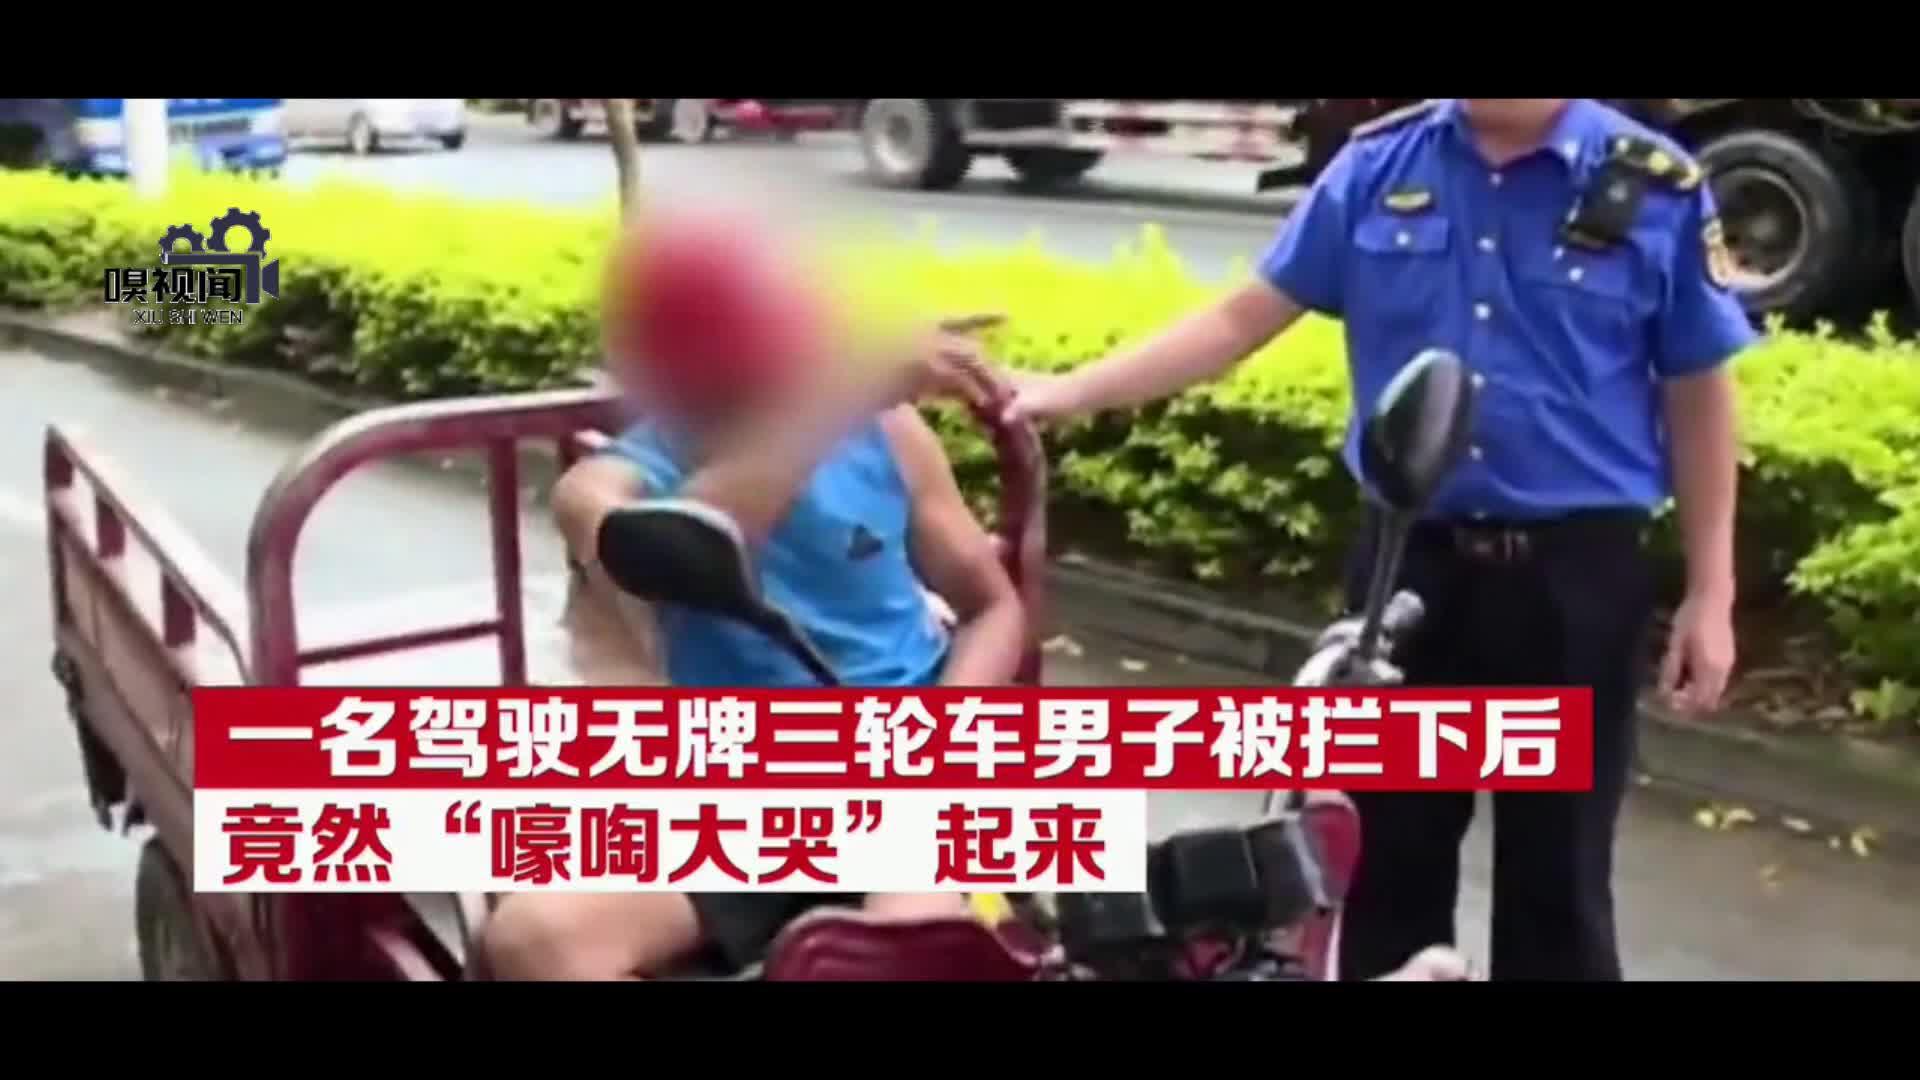 广西柳州:骑无牌三轮车被查,男子嚎啕大哭后竟然睡着了